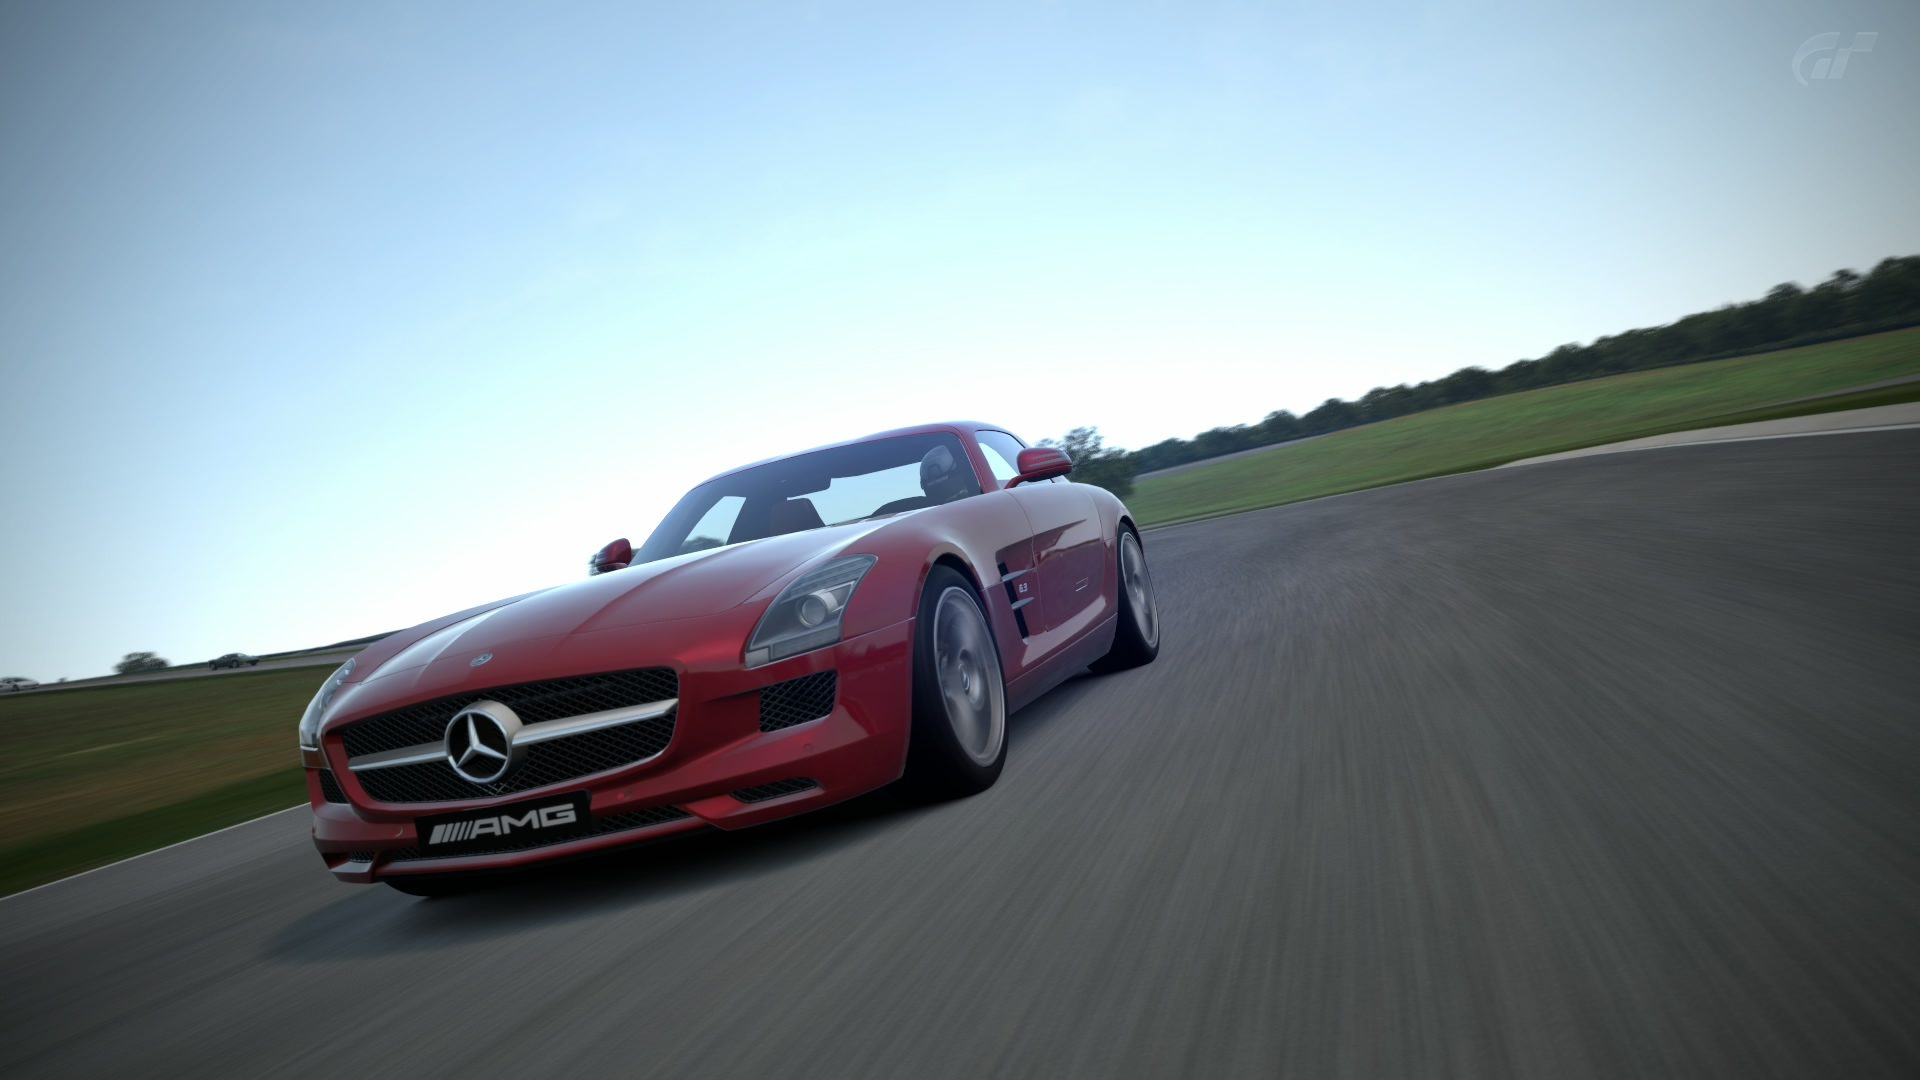 Ascari - Circuito completo_24.jpg